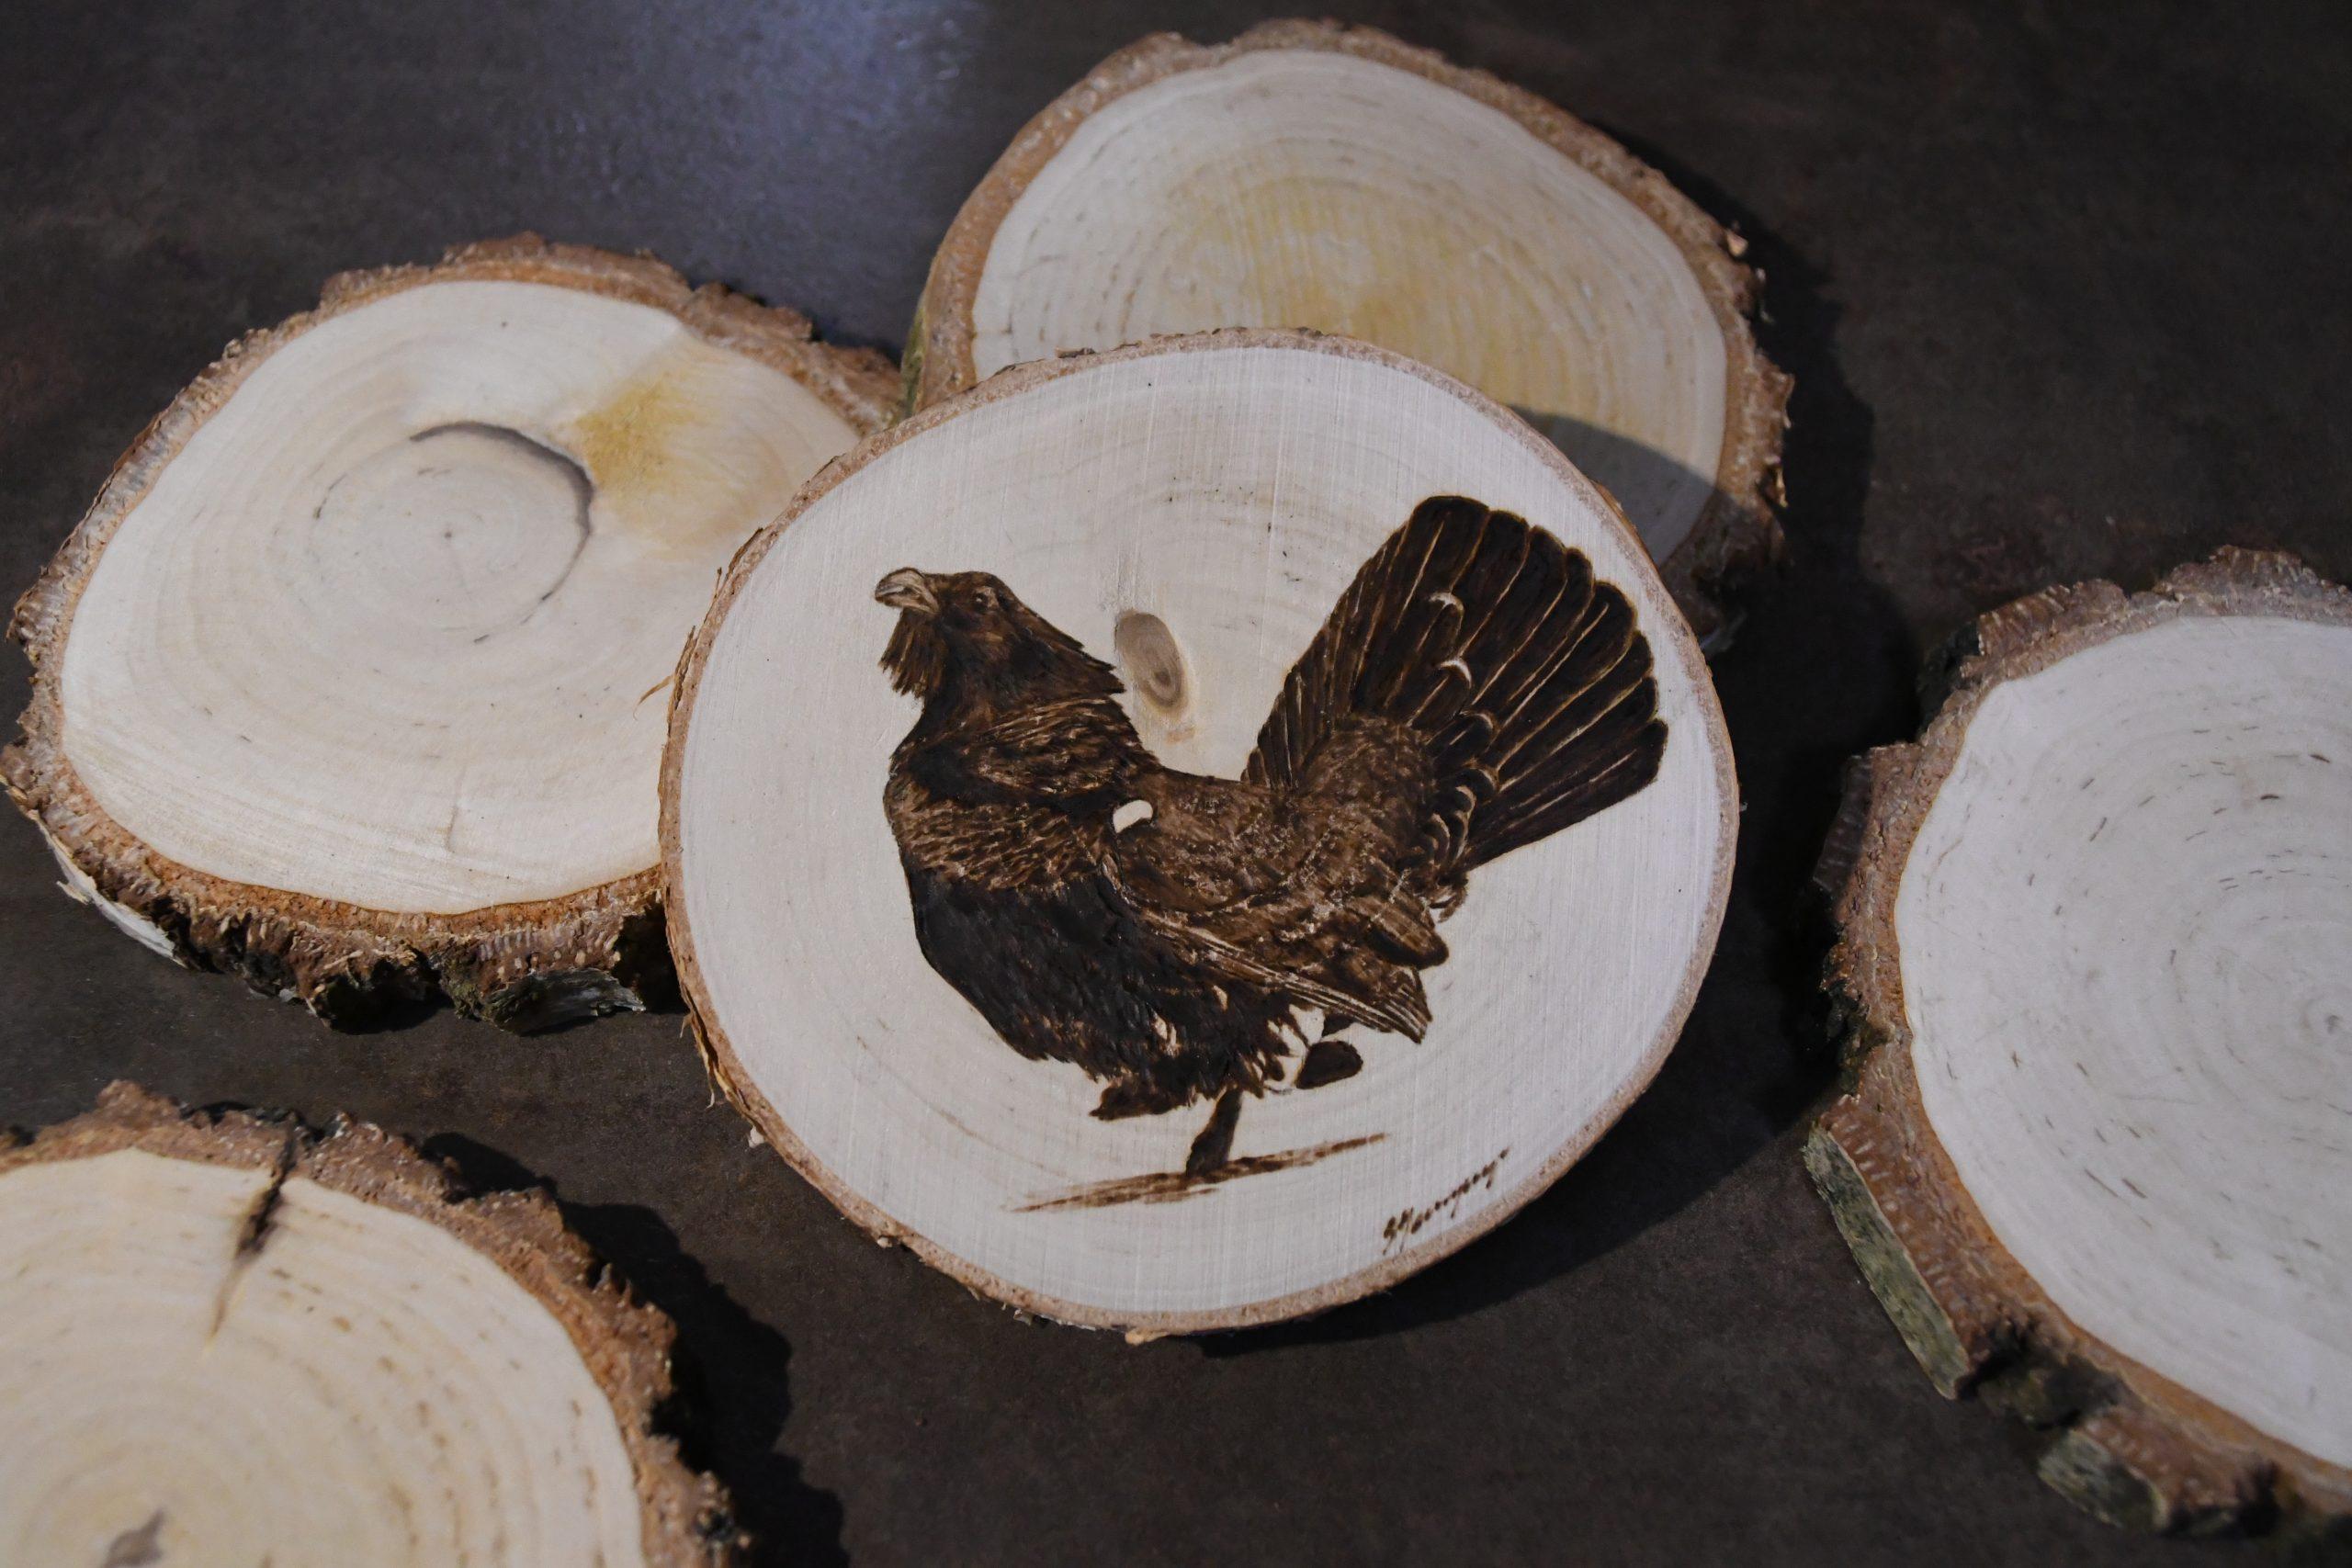 wypalanie w drewnie, sylwia, pirografia, janczyszyn, pyrography, handmade, rękodzieło, pomysł na prezent, podkładka pod kubek